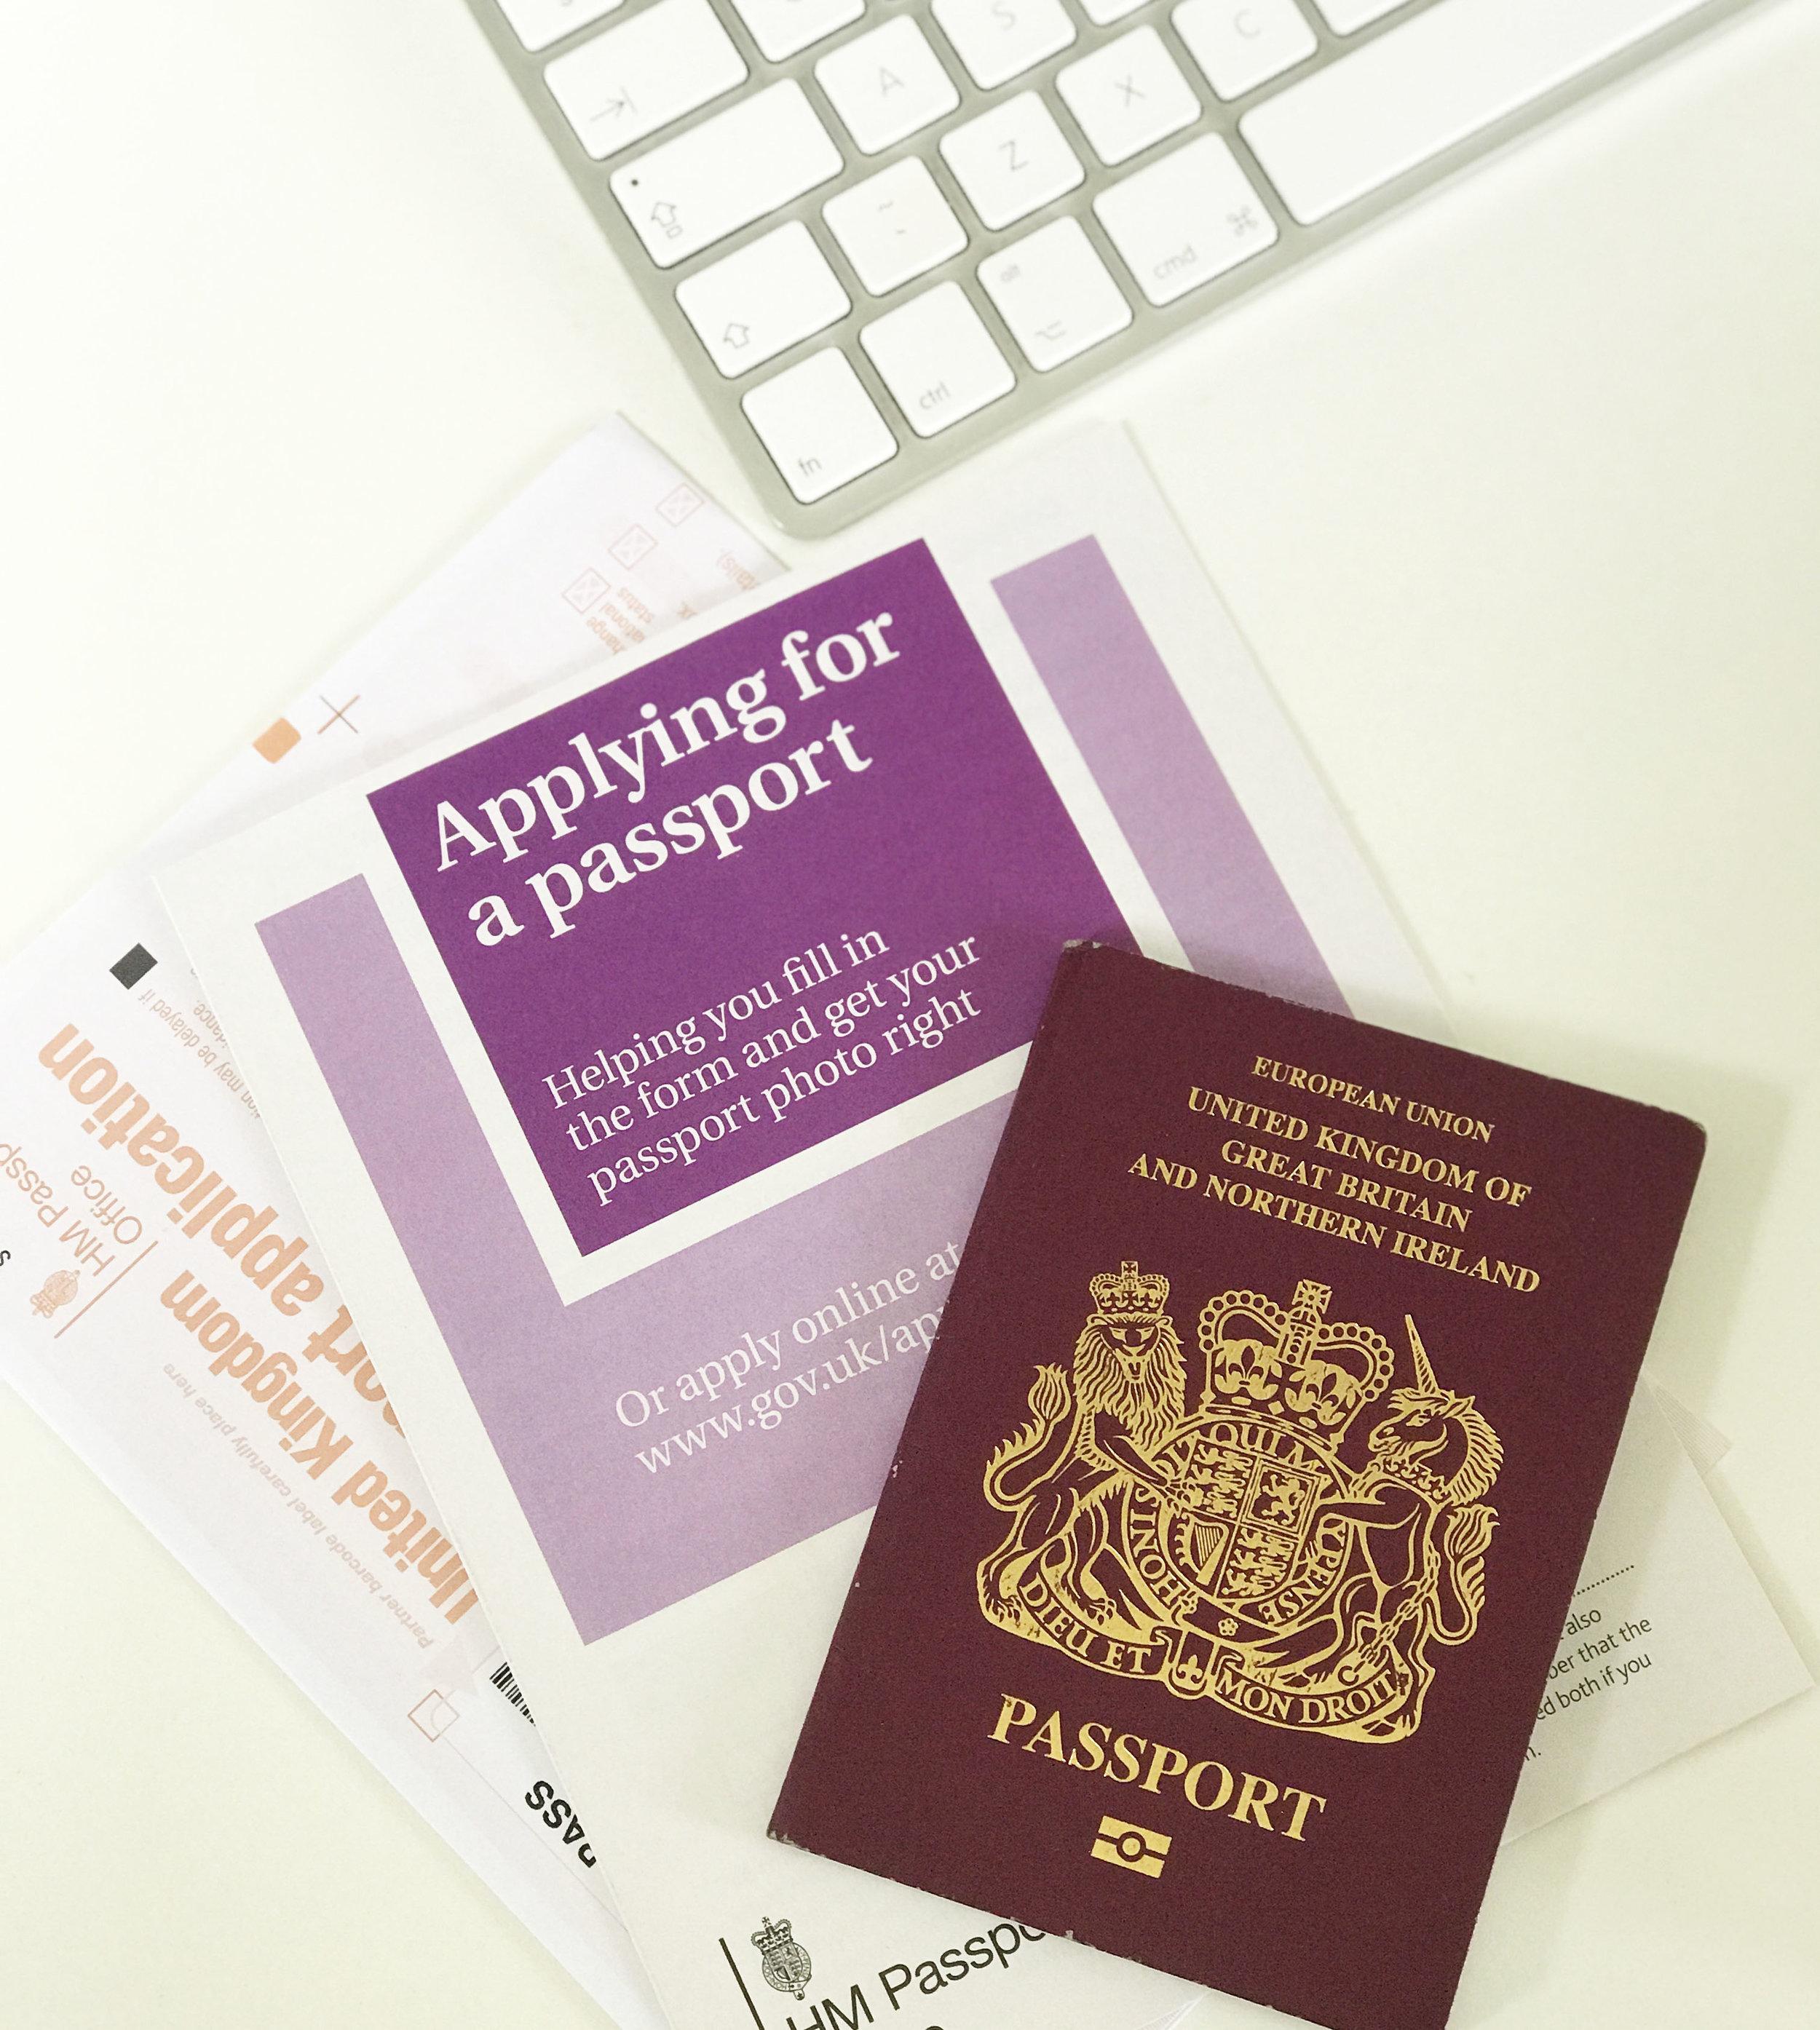 Passport Application.jpg